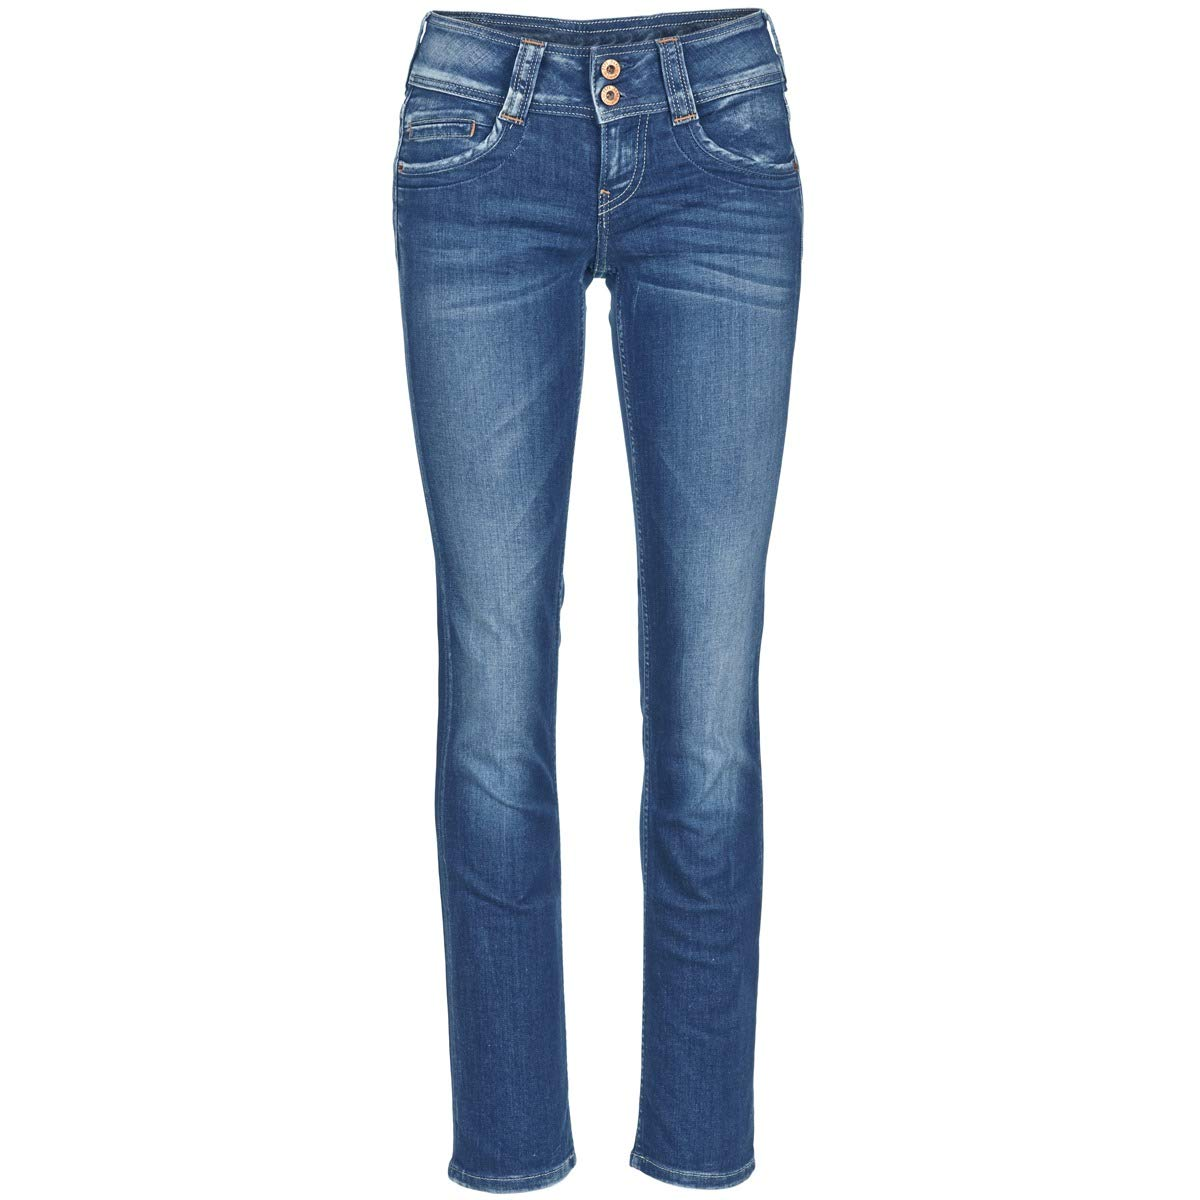 bluee   D45 Pepe Jeans Women's Gen Jeans